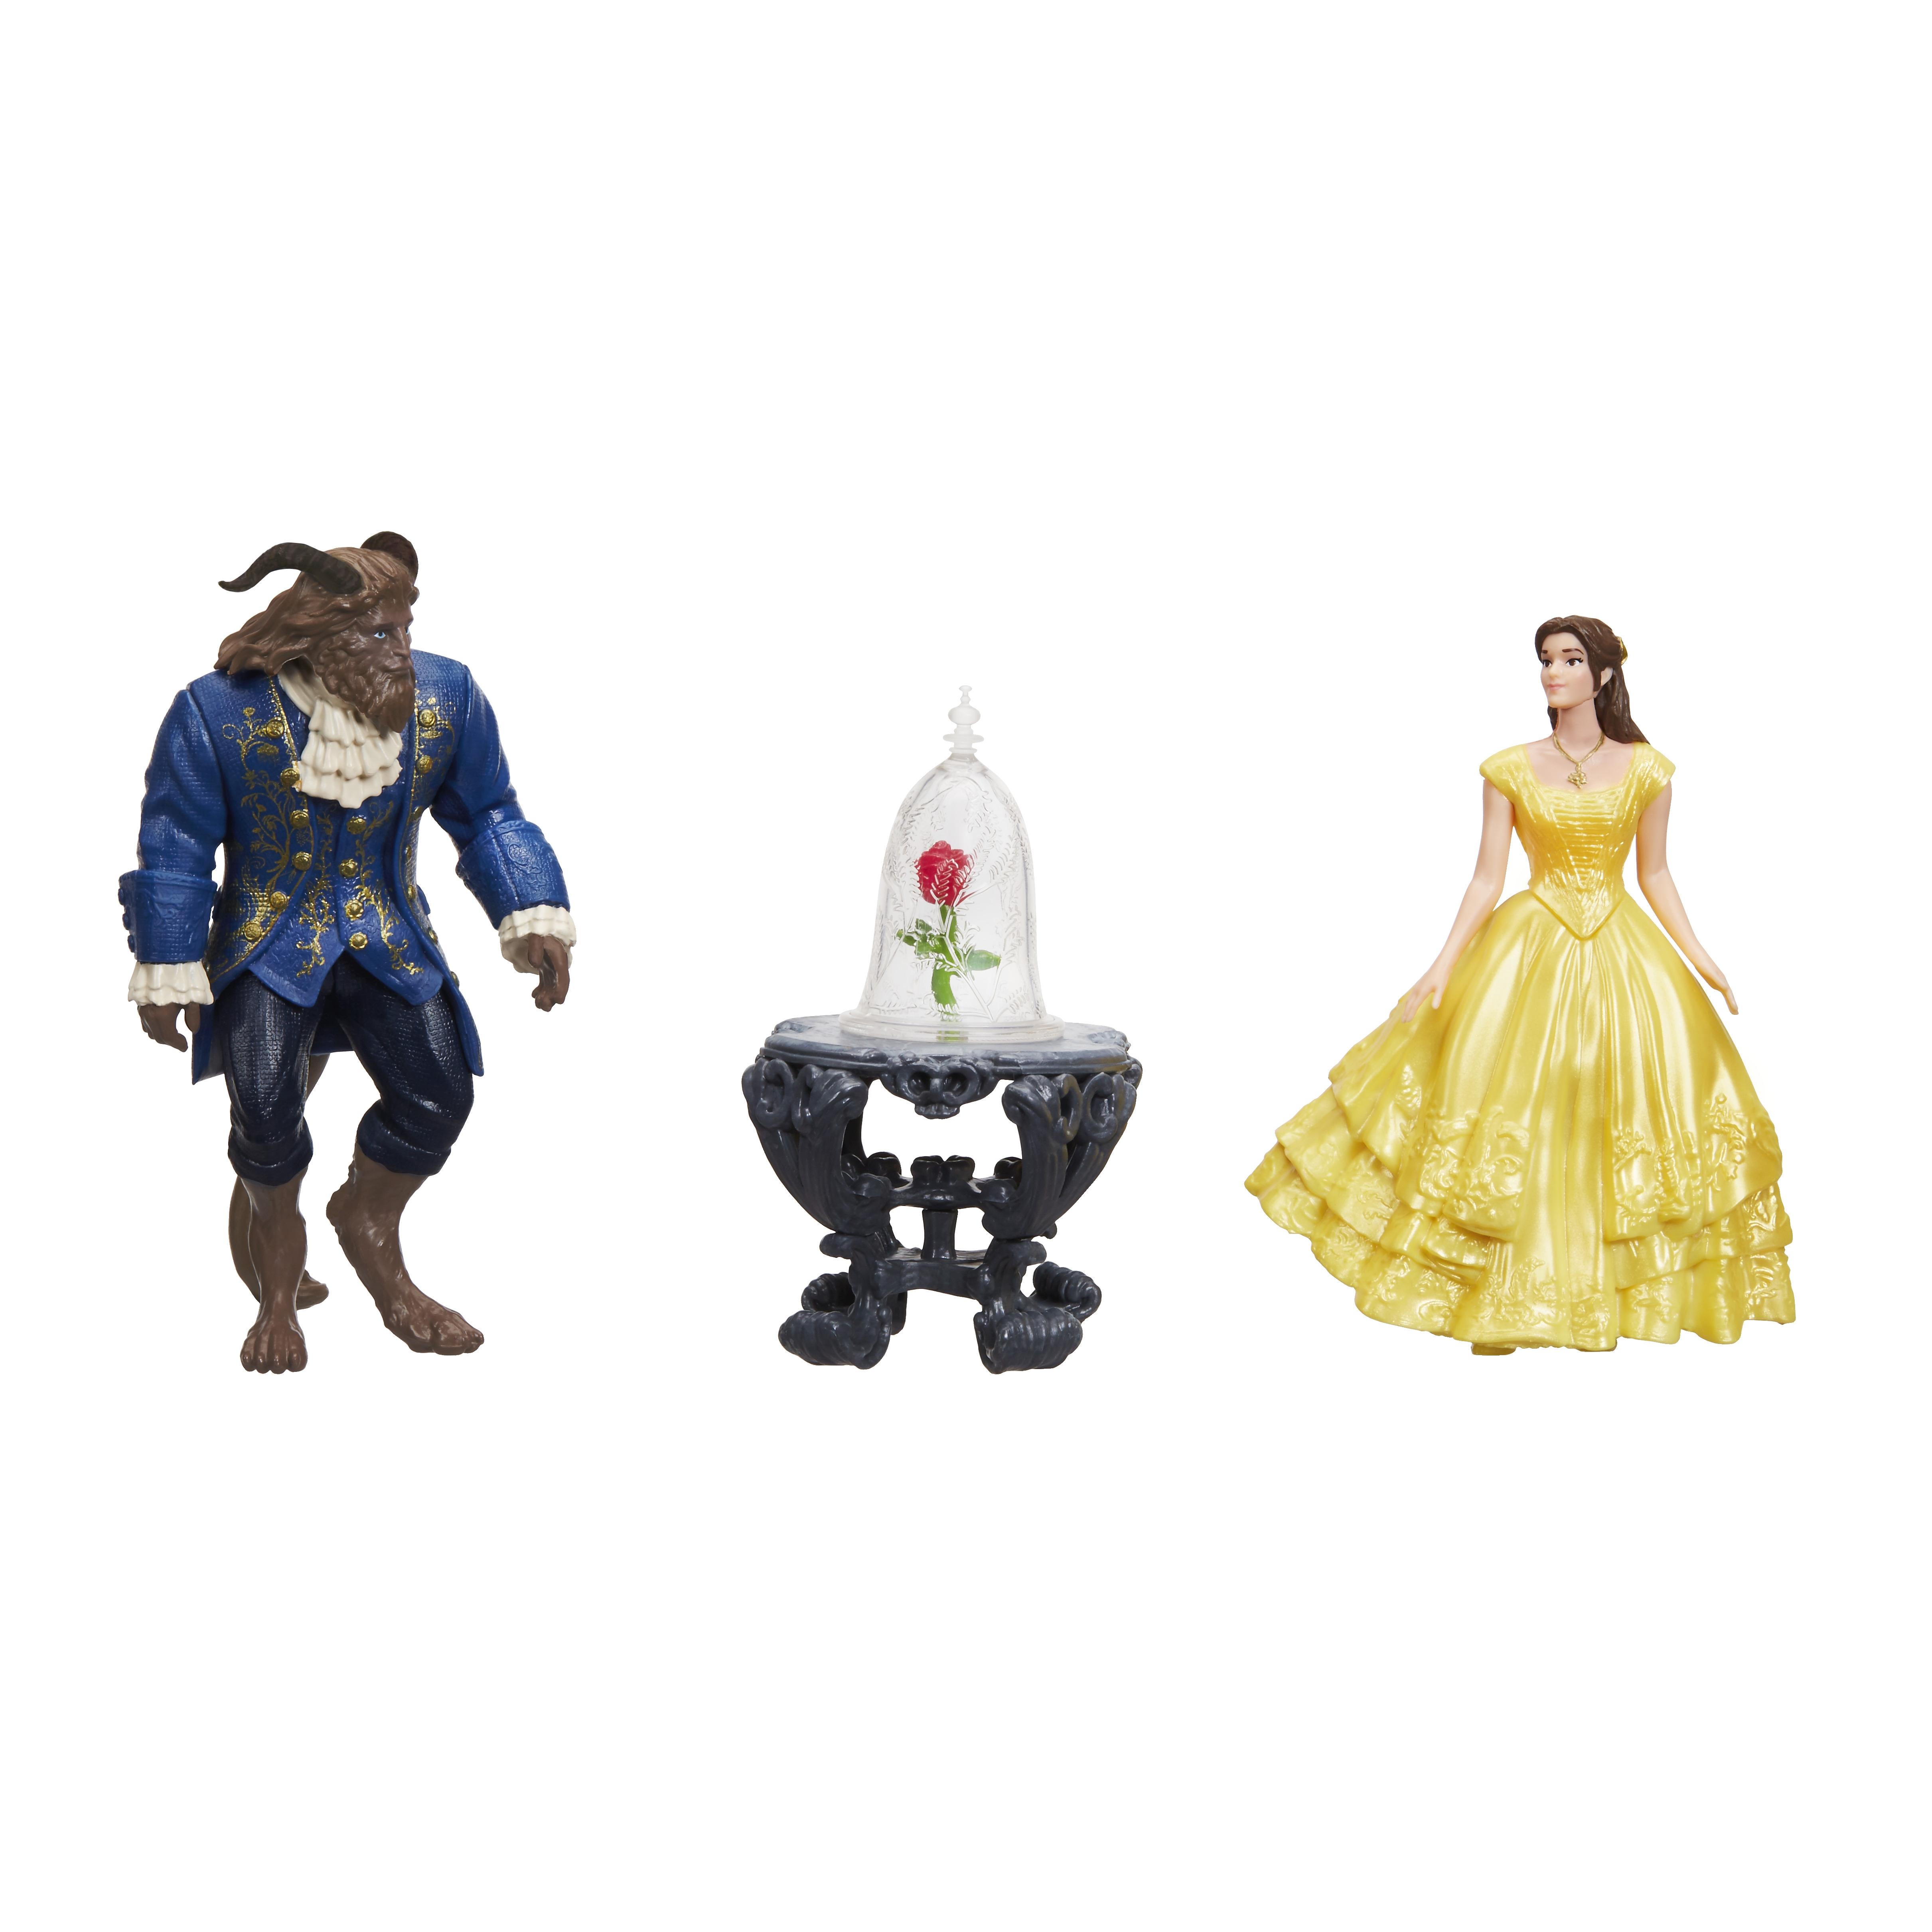 Купить Другие куклы, Бэлль, Чудовище и роза, Beauty & The Beast, Китай, Женский